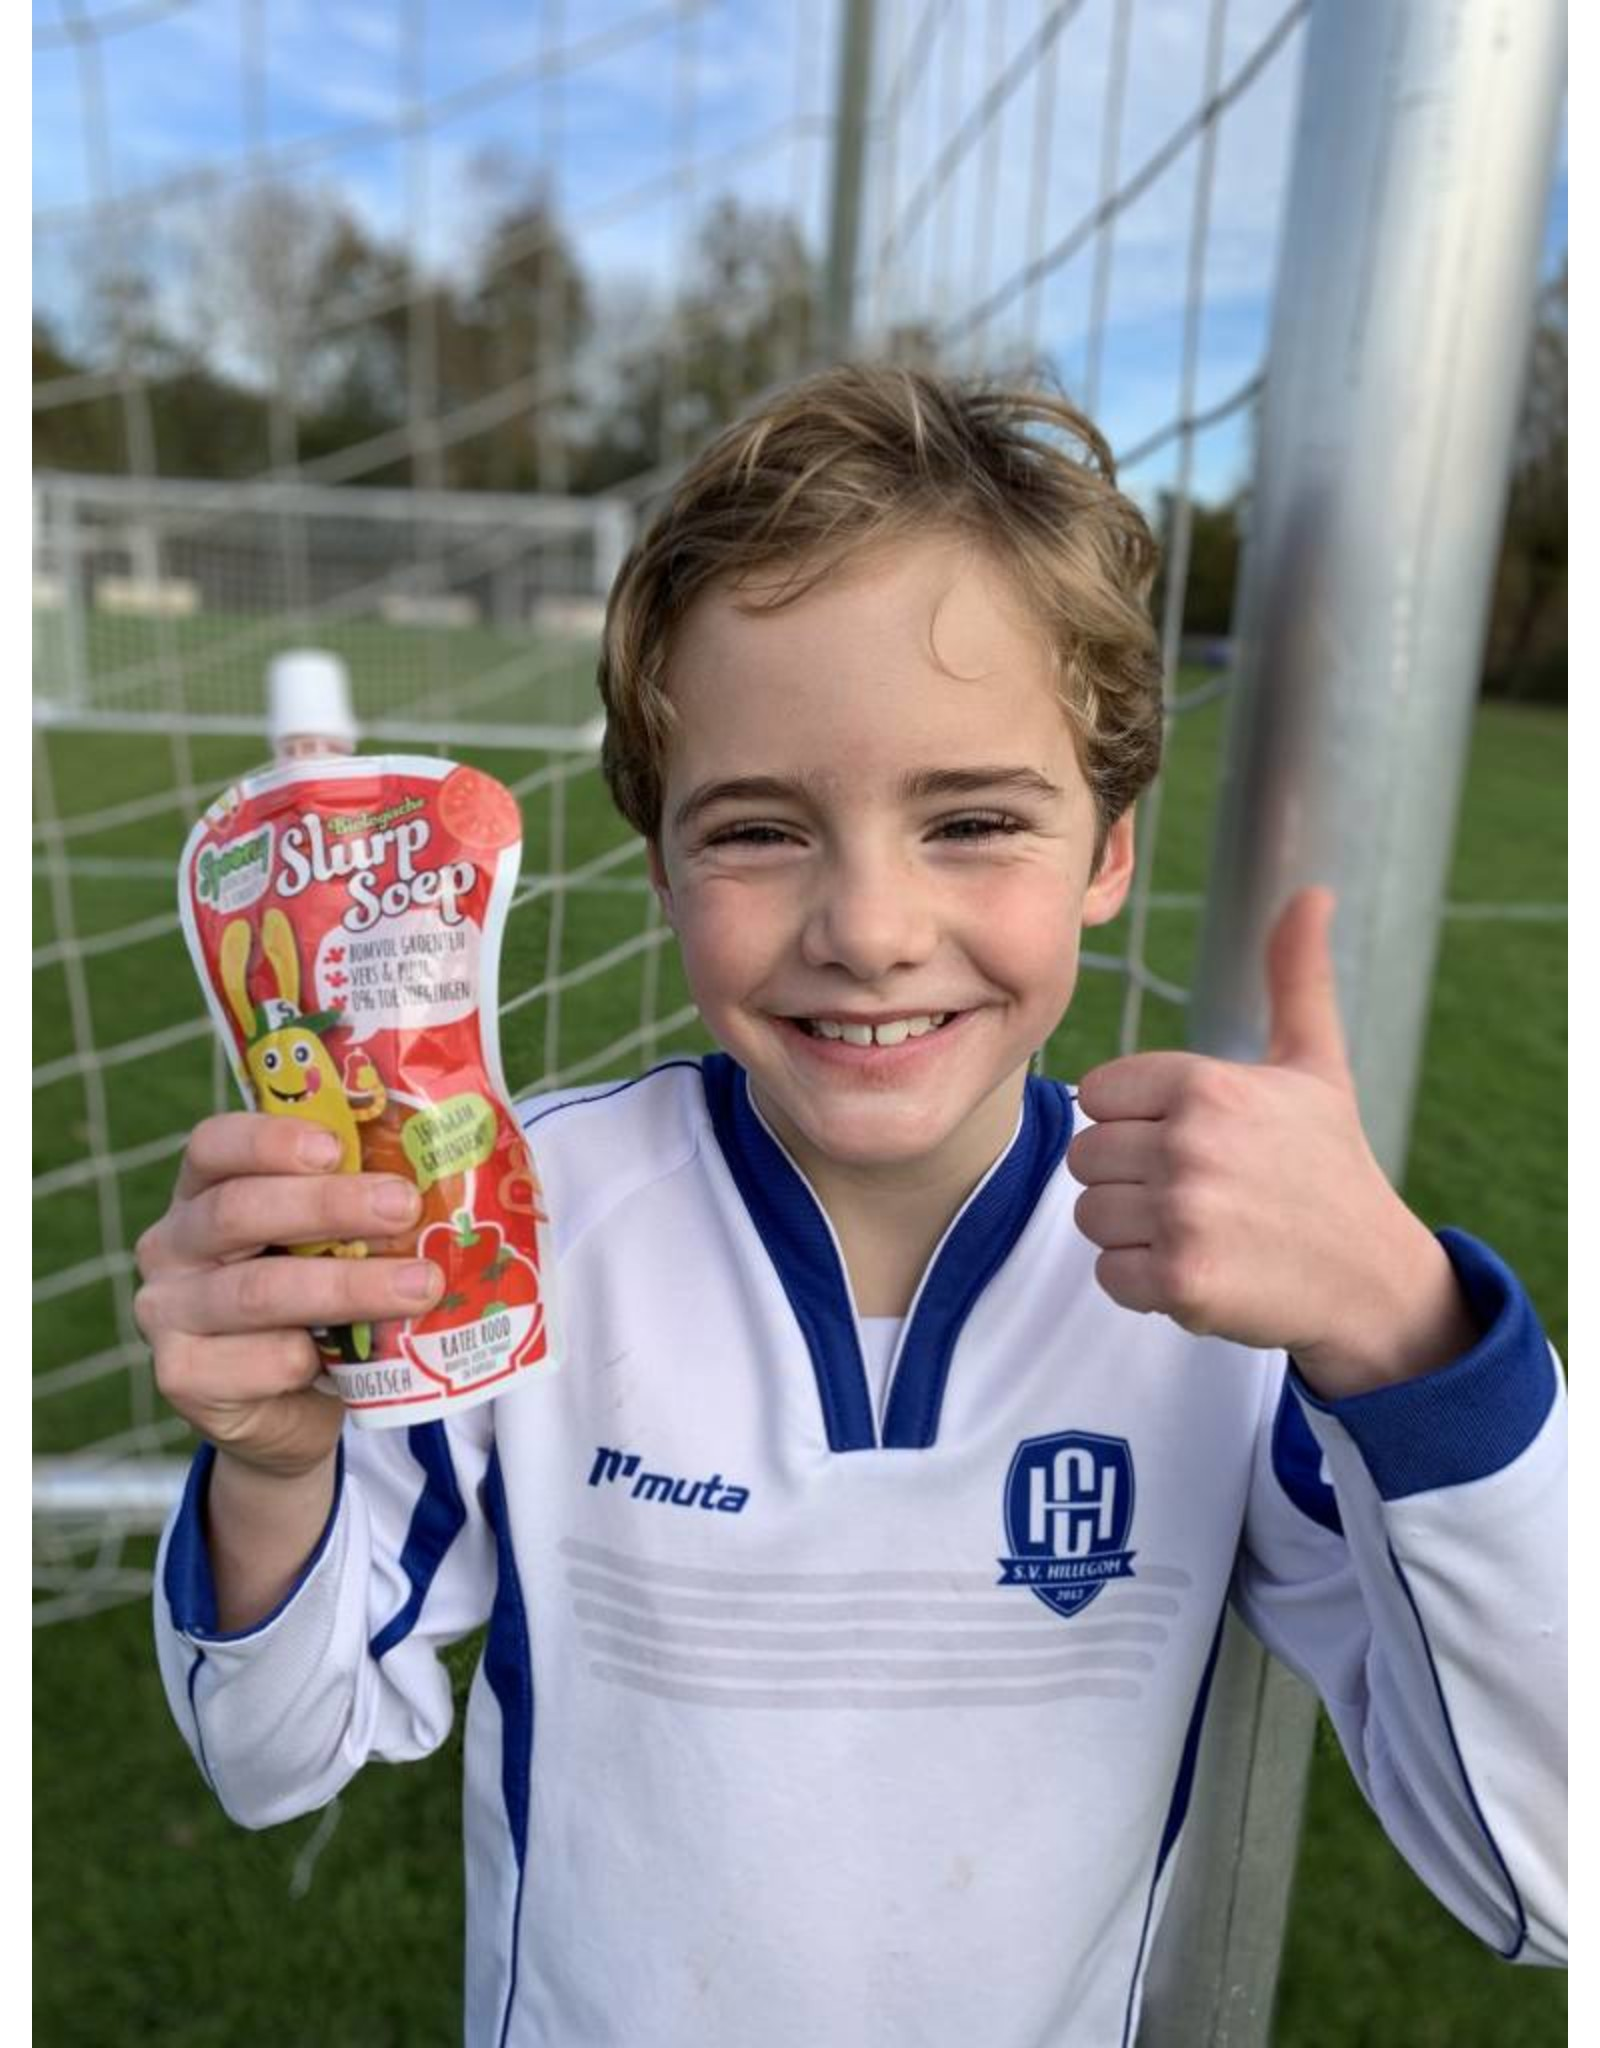 Spoony Slurp Soep - gezond gemak voor actieve kids